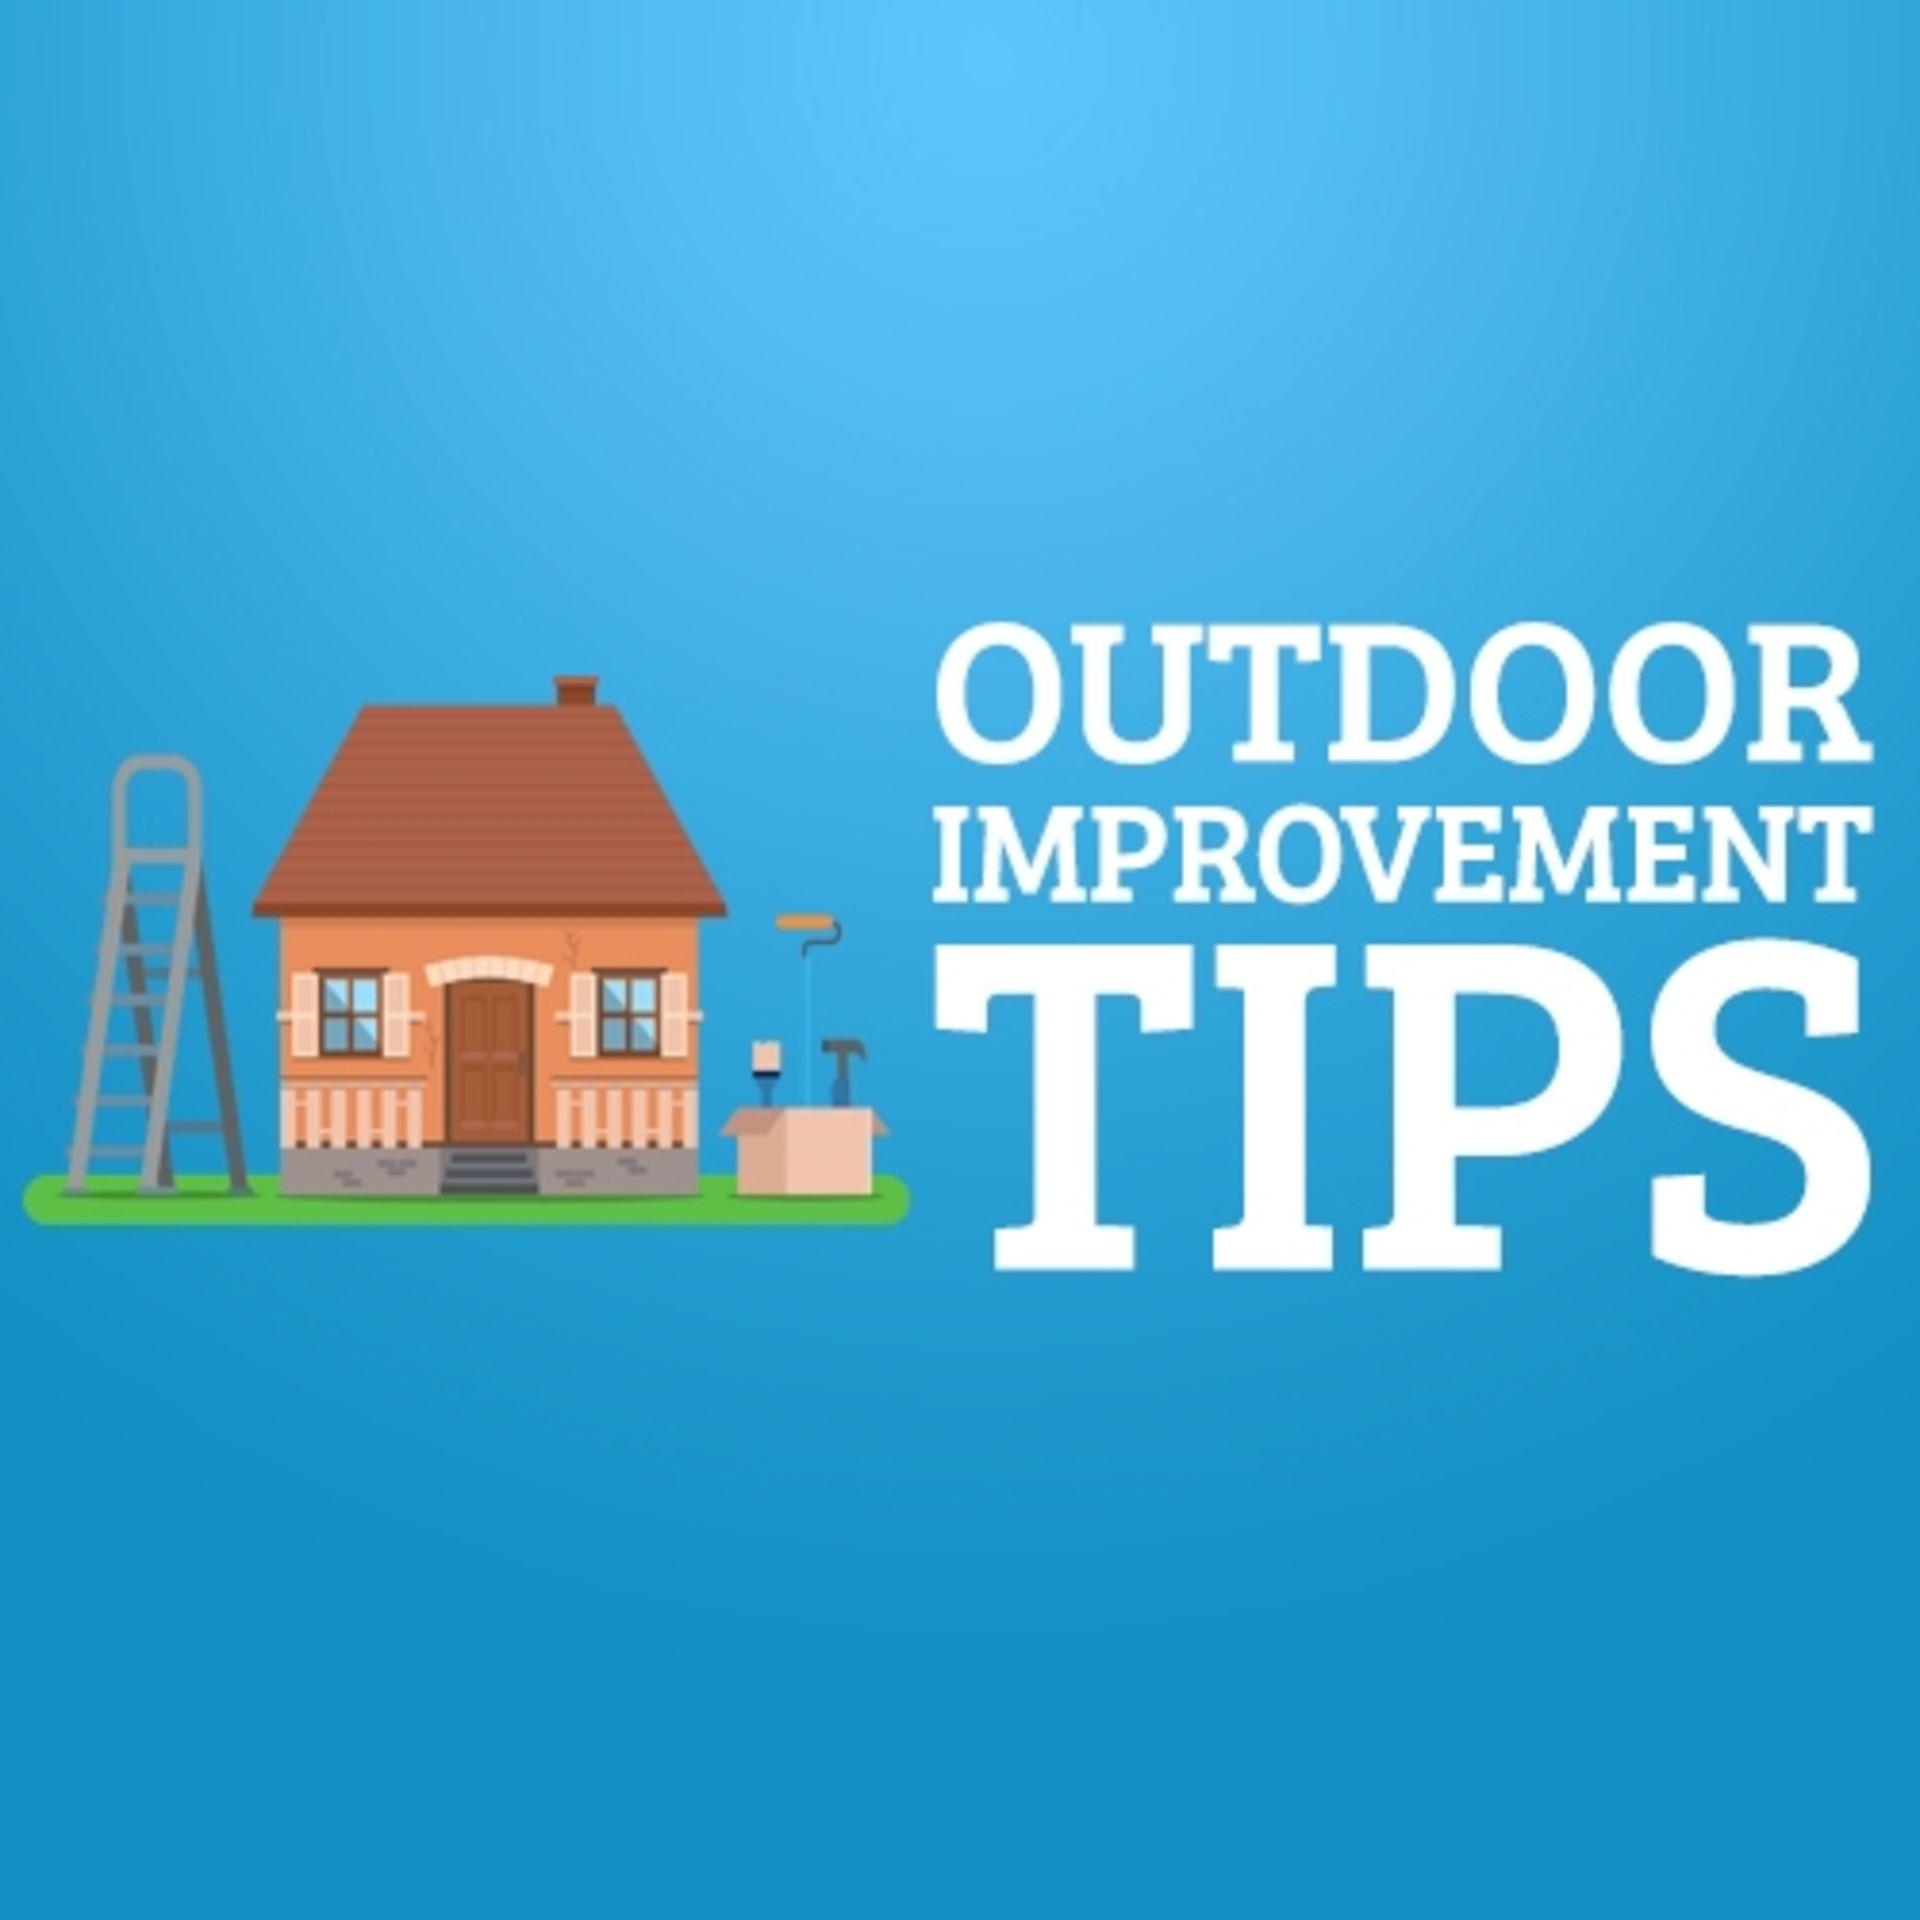 Outdoor Improvement Tips